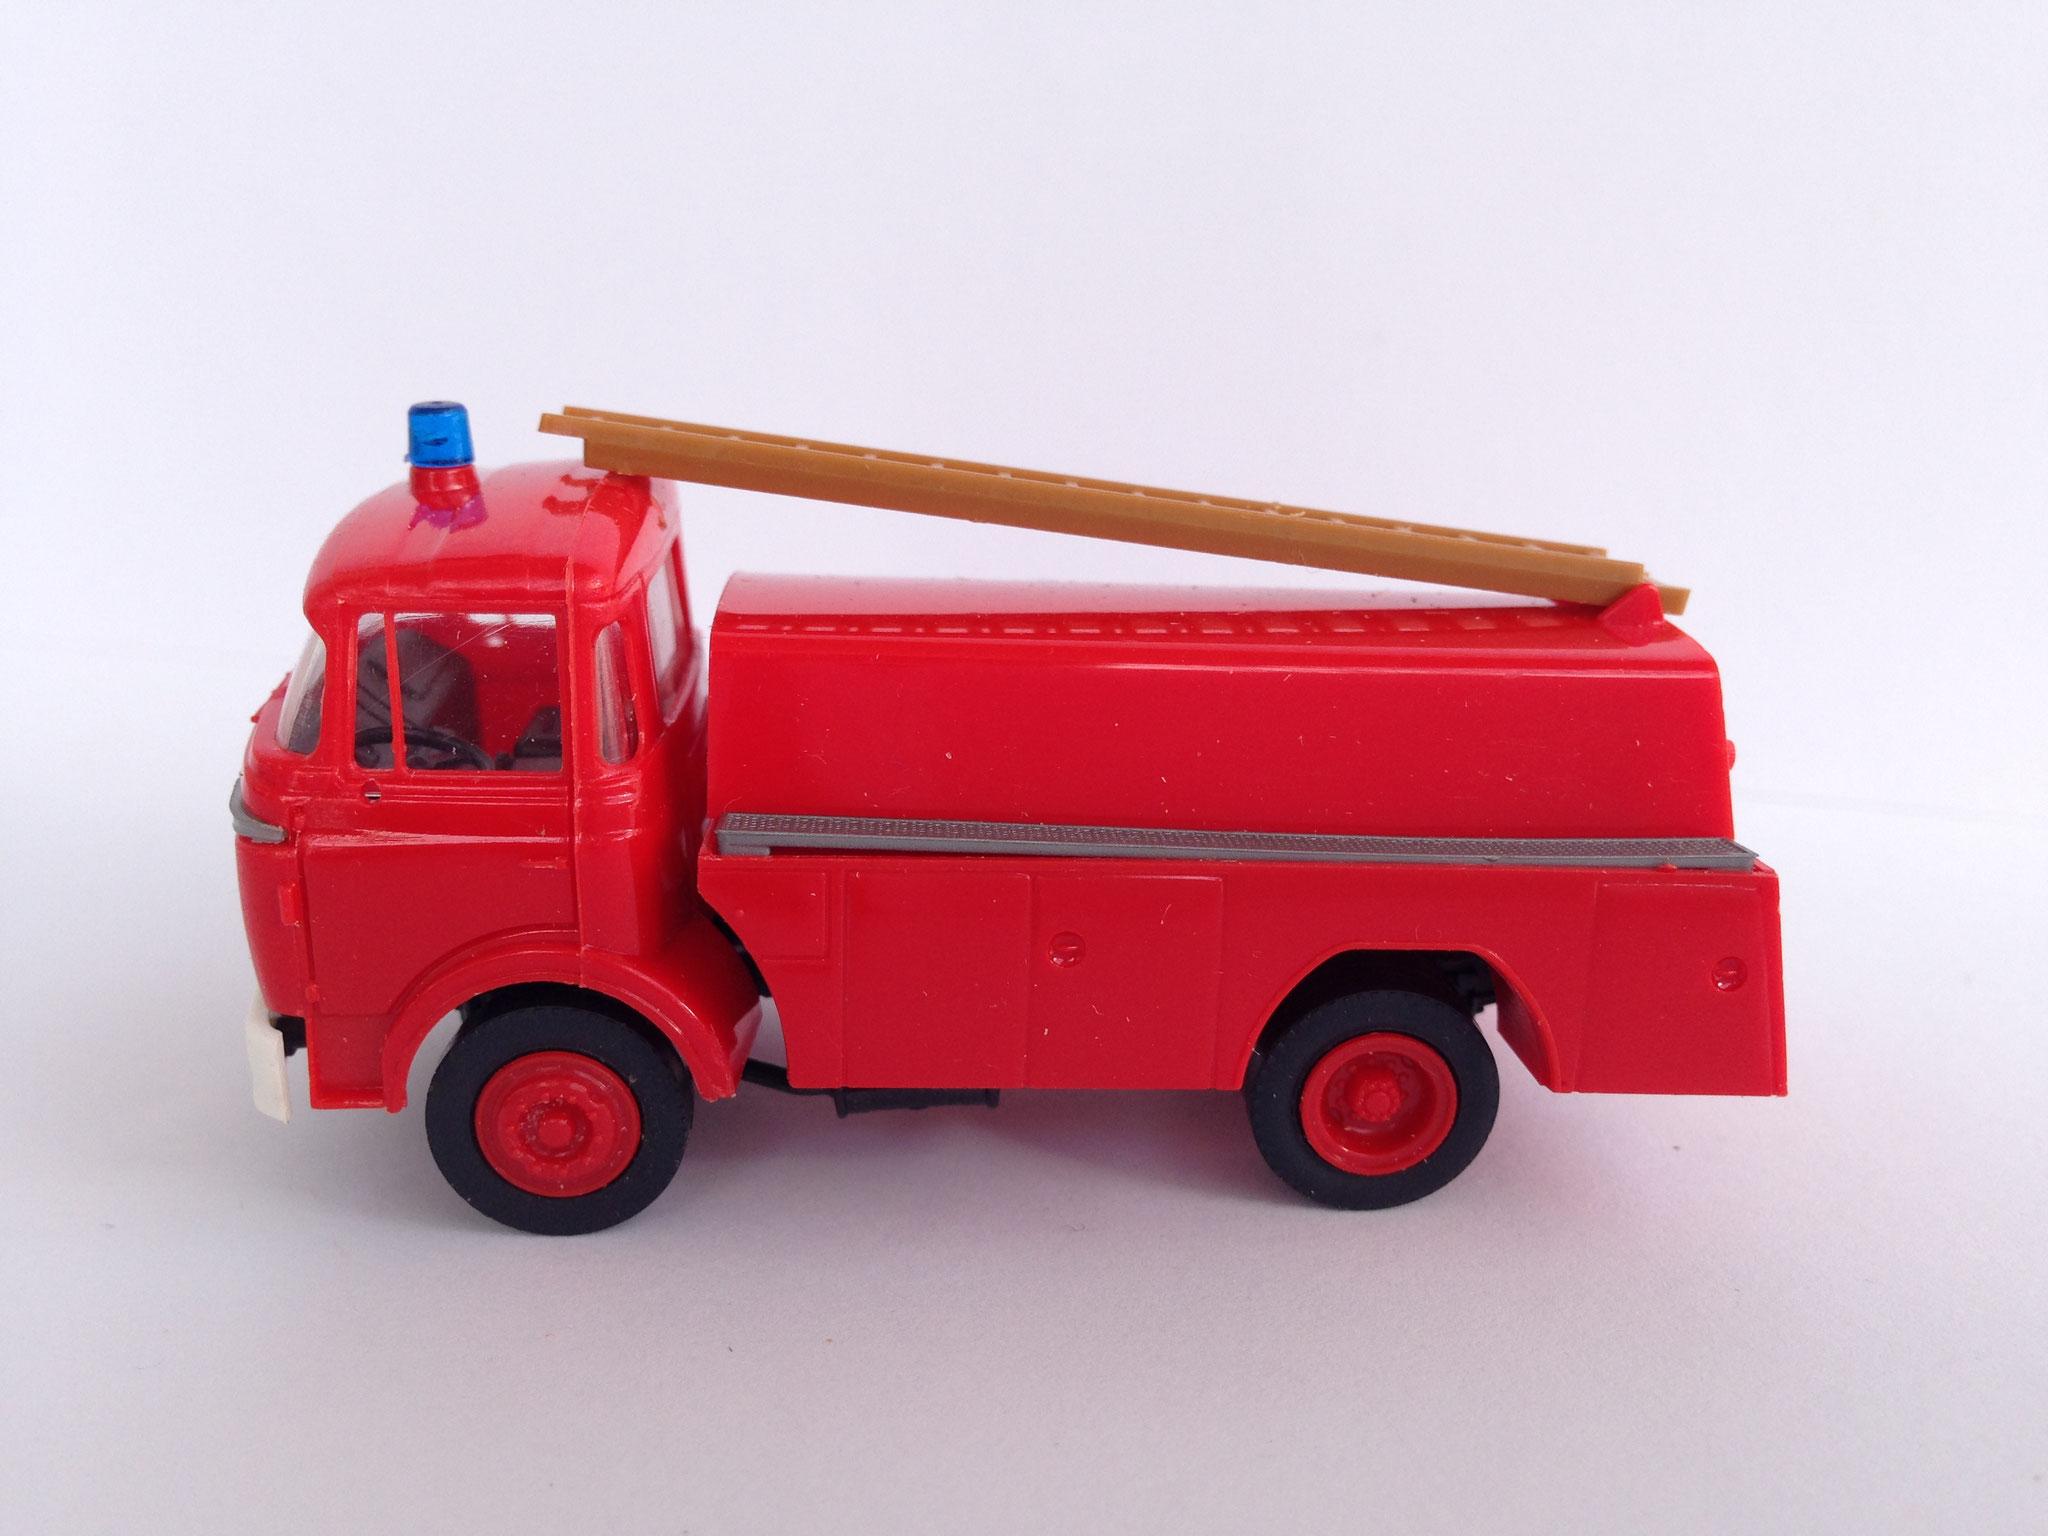 Feuerwehr 2-Achs-Tankfahrzeug GAK, Art. Nr. 470 (ab 1987 im Programm)